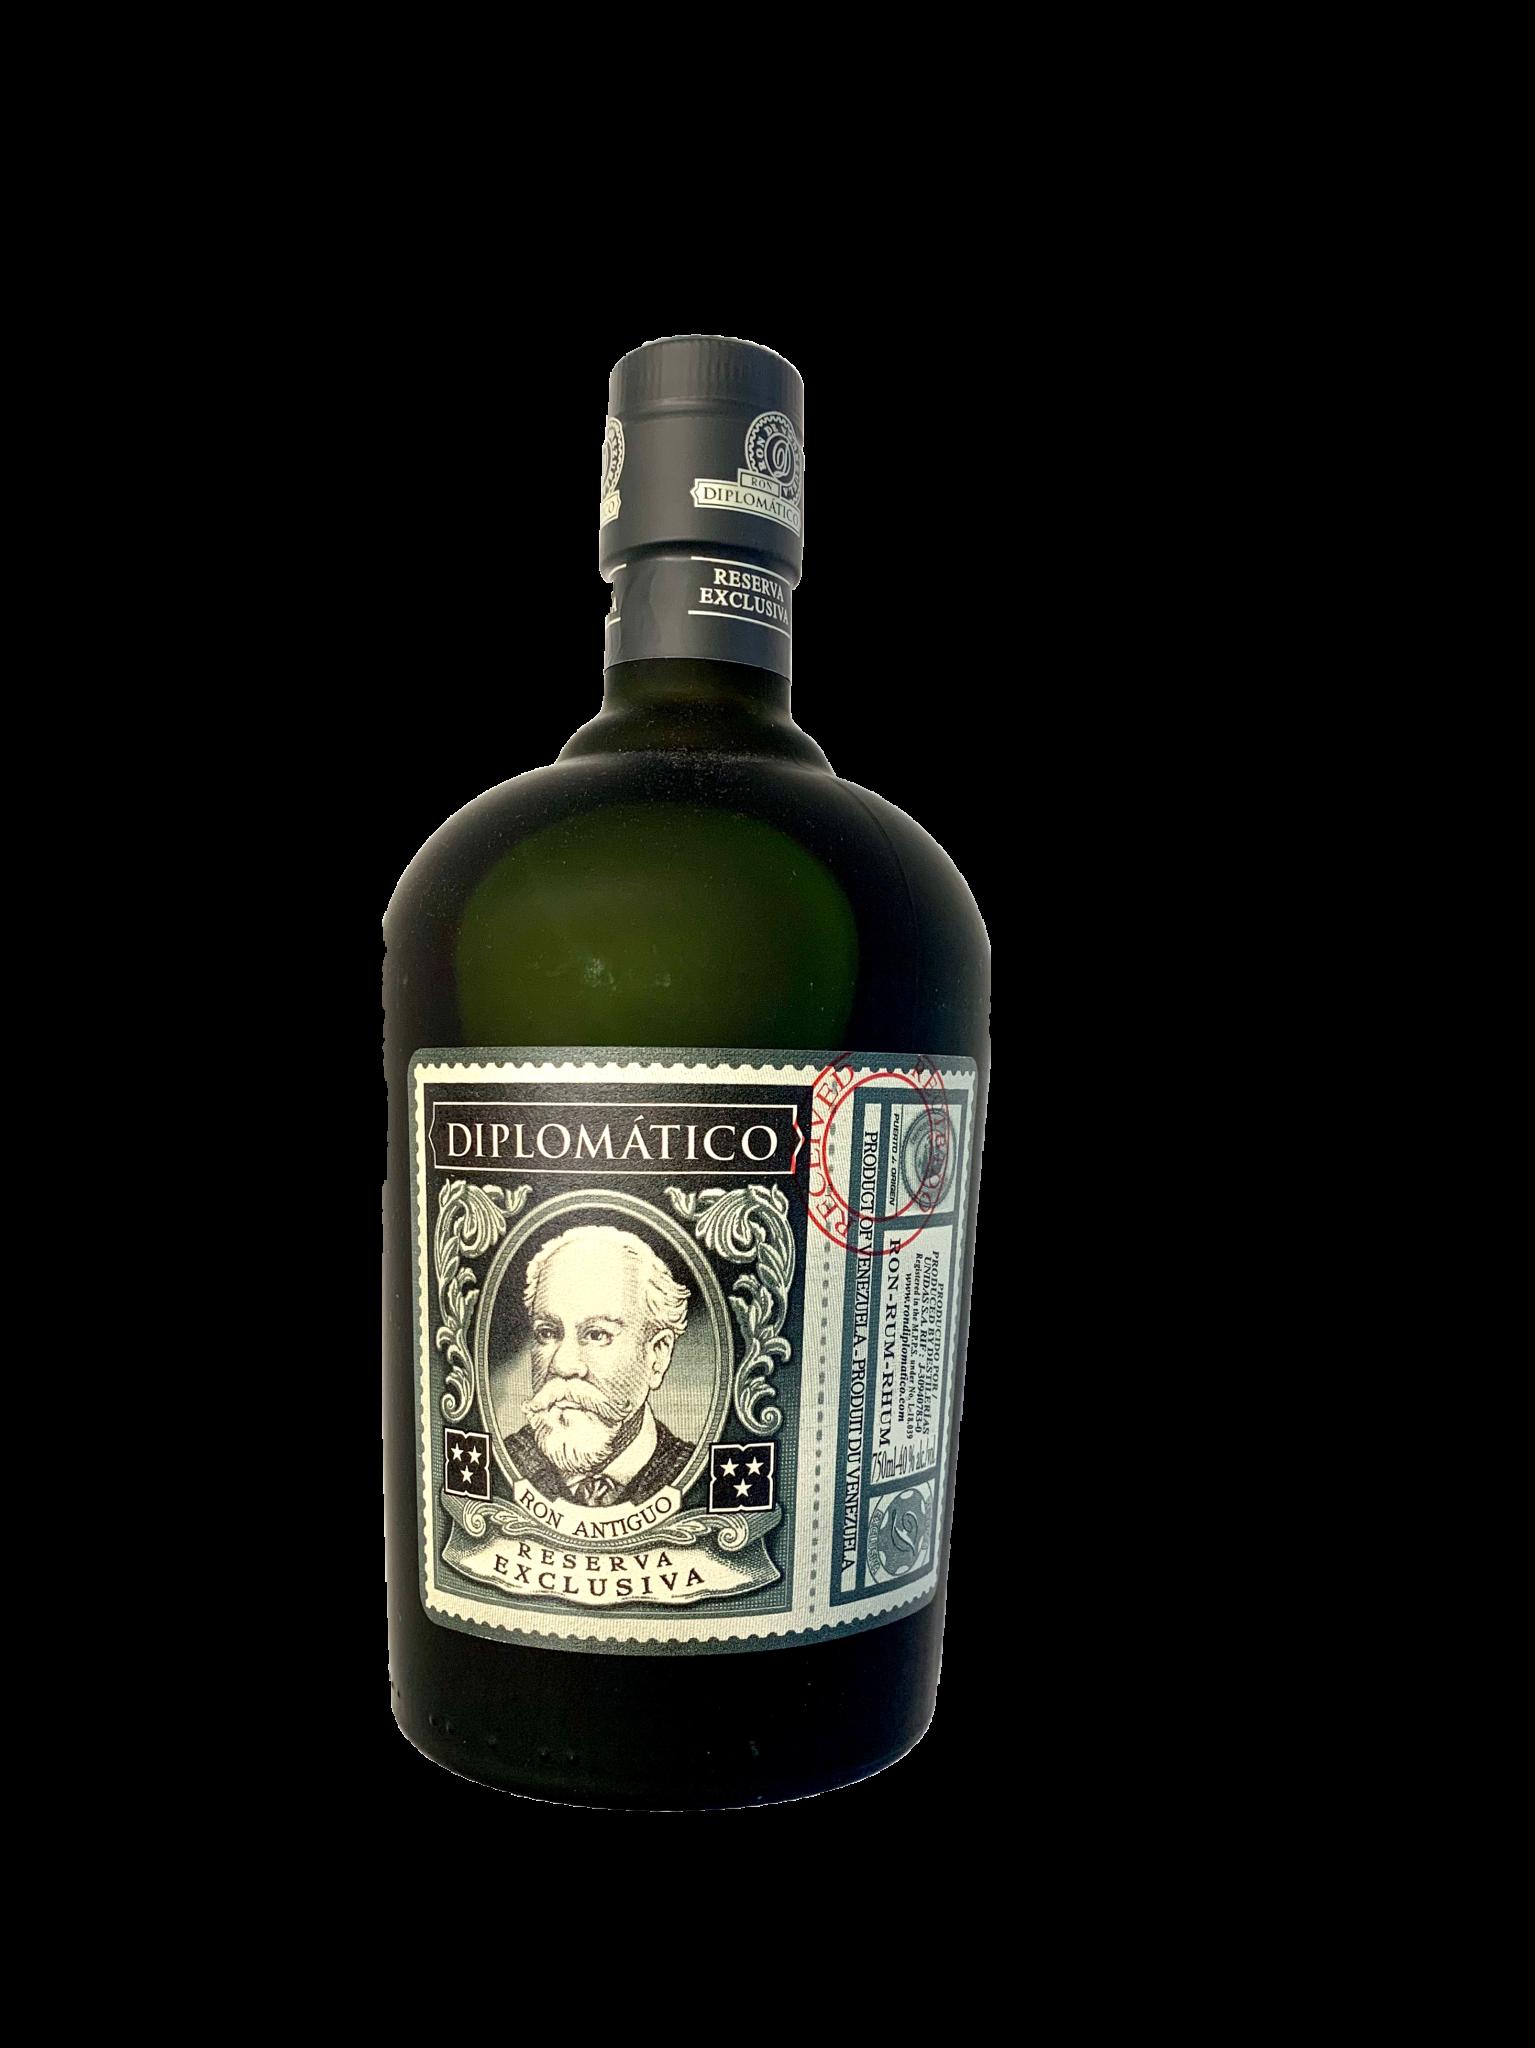 Venezuela Diplomatico Reserva Exclusiva Rum